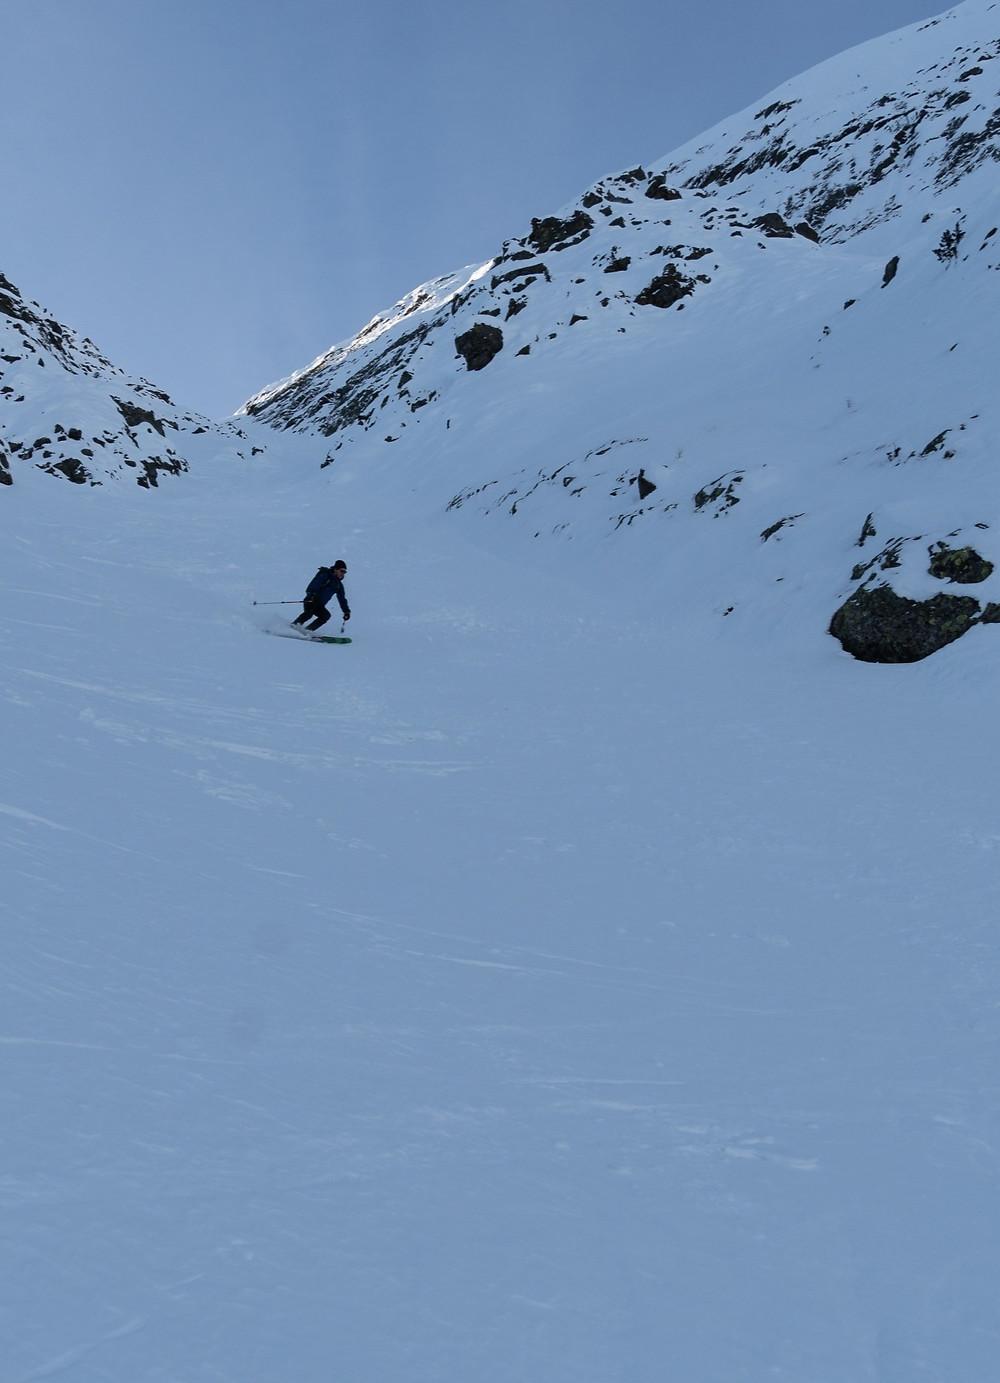 Skitour, Schneelahnspitze, Schneelahngraben